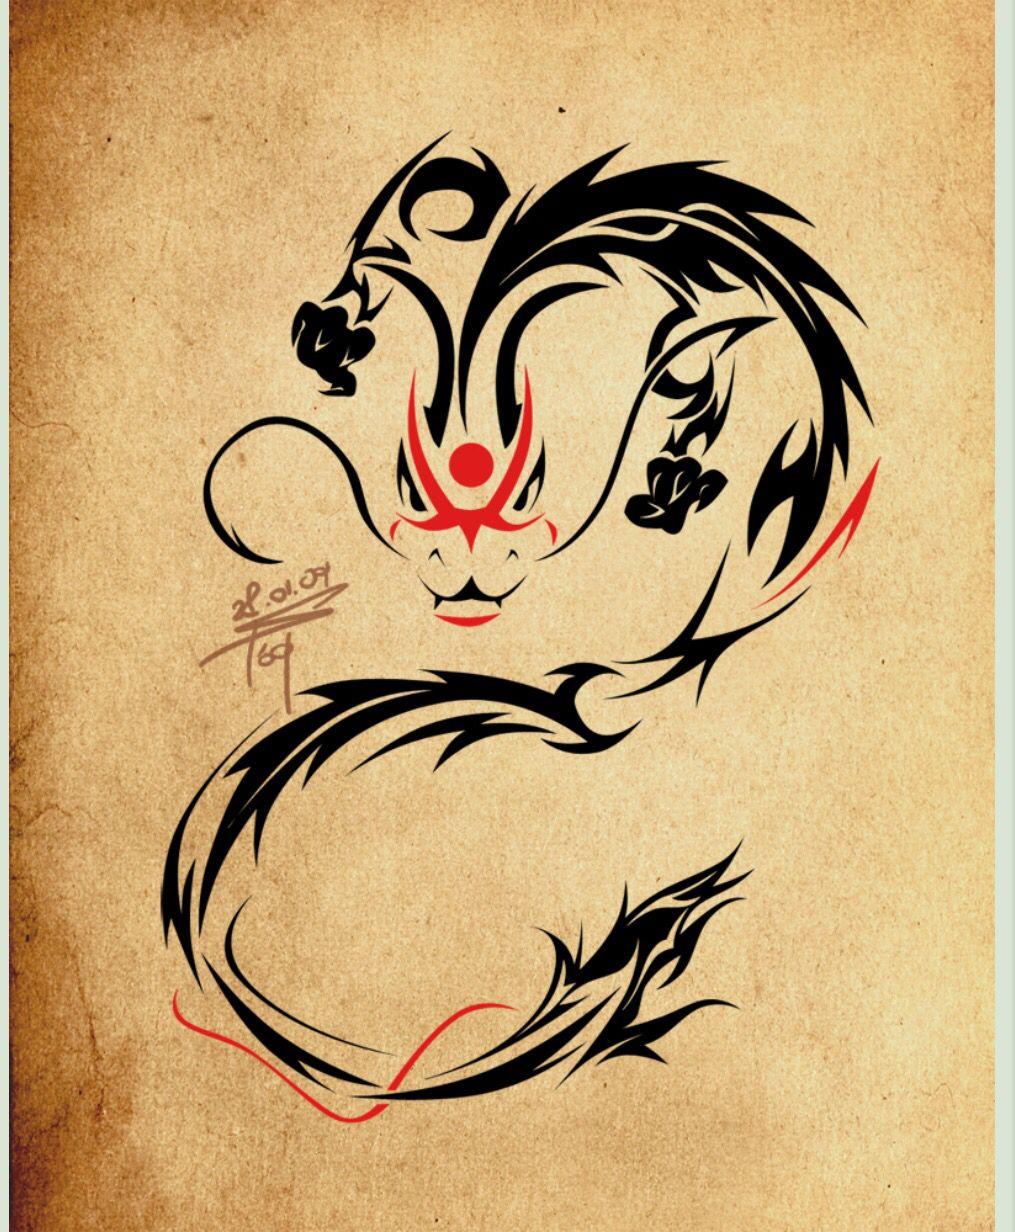 картинки в стиле китайских татуировок жизнь дарит